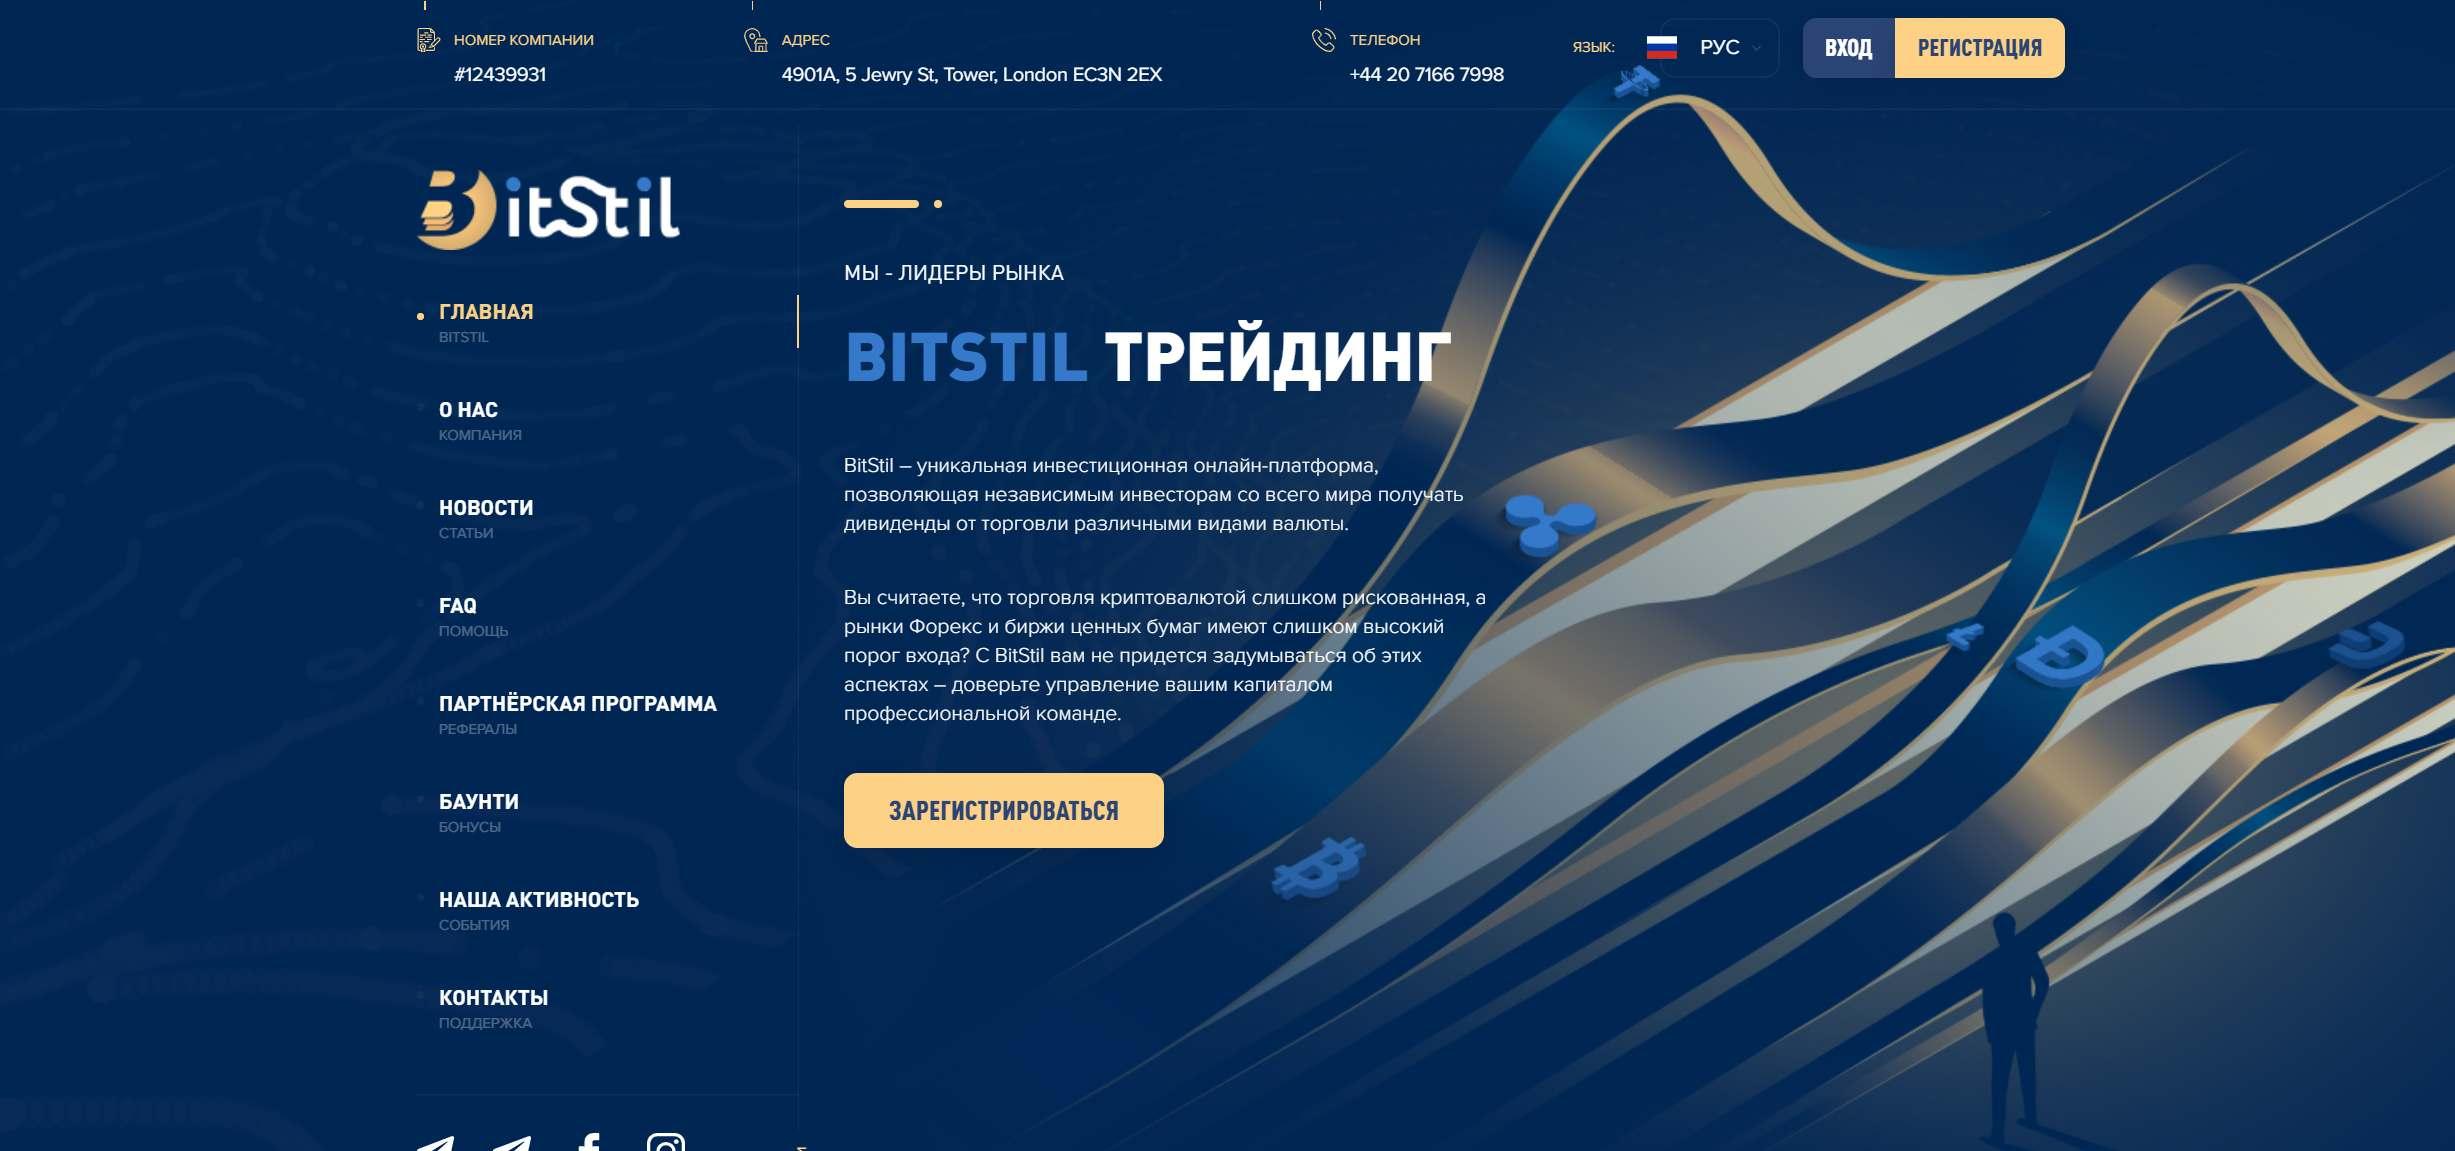 Обзор и отзывы на BitStil - банальная пирамиды и ХАЙП проект! Не рекомендуем!